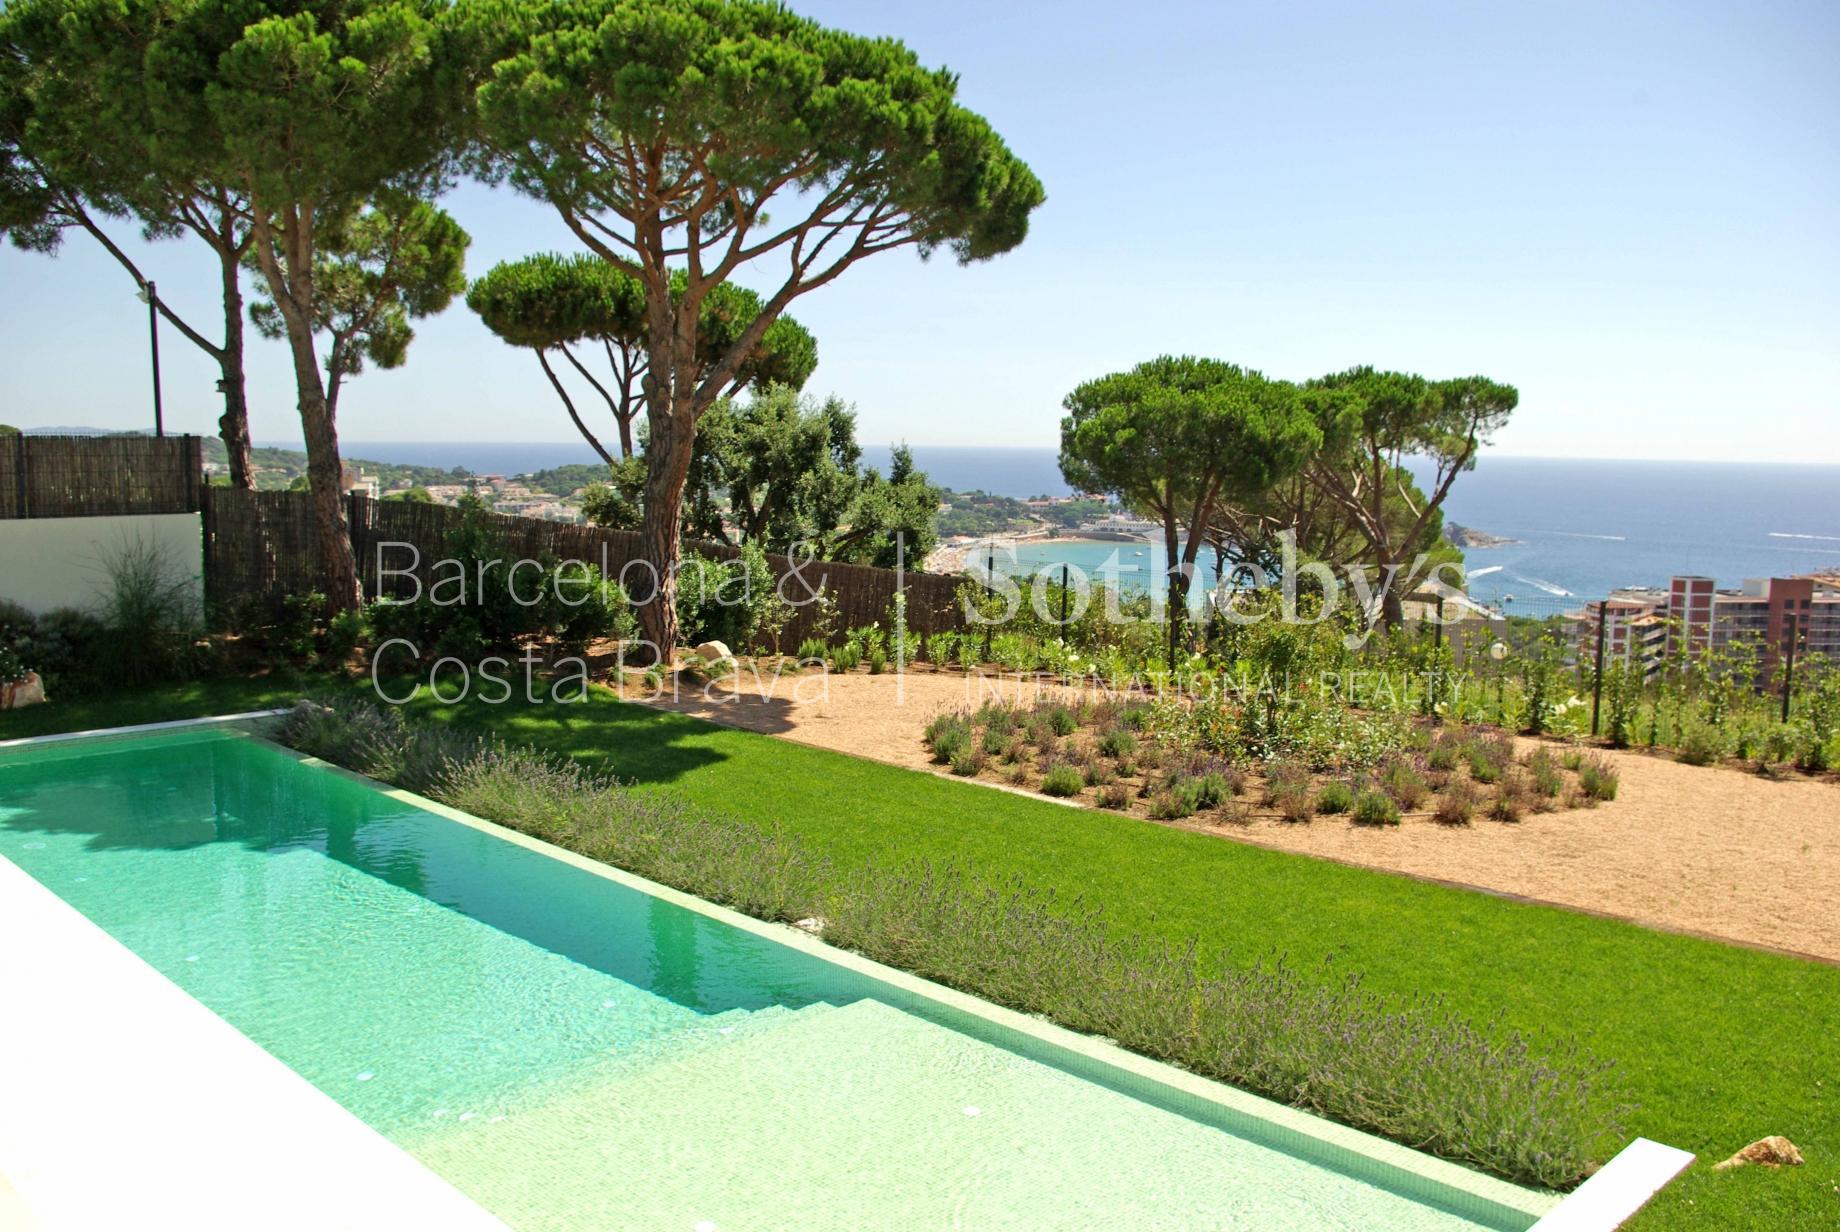 """Property For Sale at Designer villa with breathtaking views over the sea and """"La Gavina"""" estate i ..."""